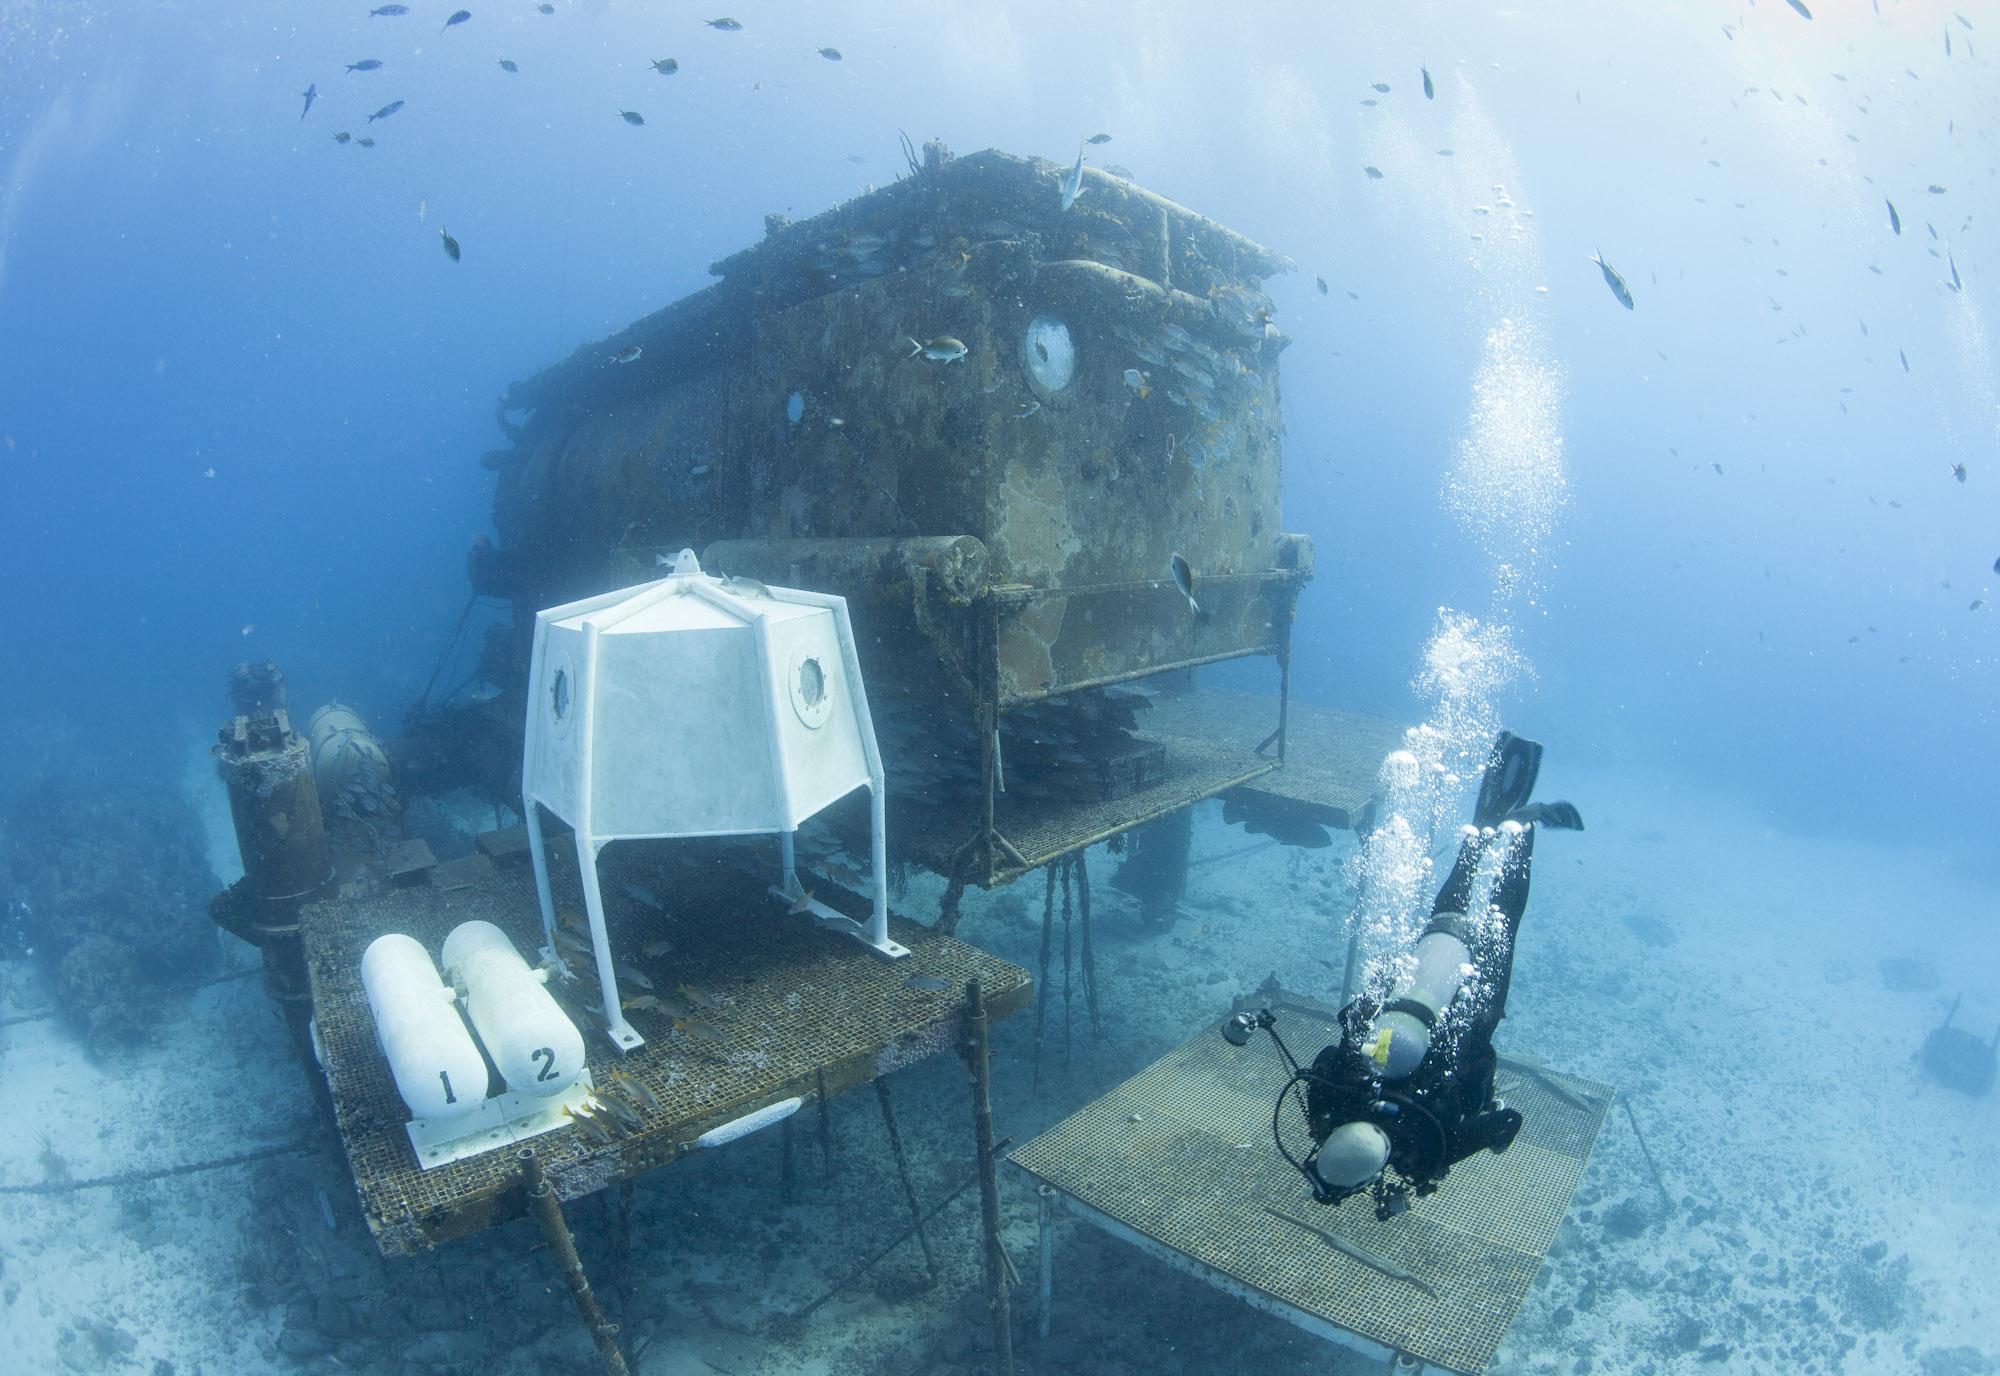 aquarius spacecraft - photo #27